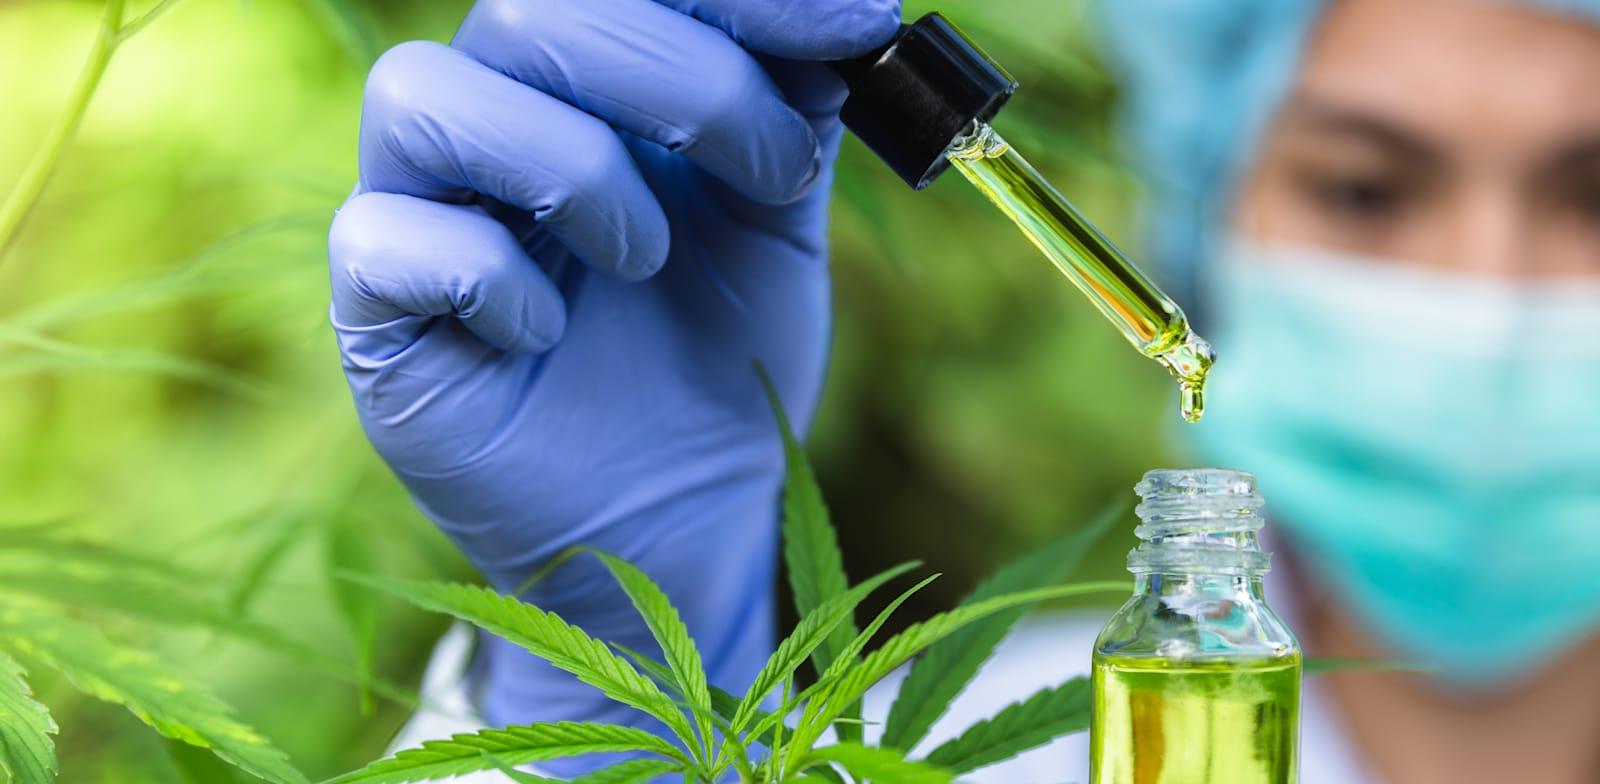 קנאביס רפואי. בעל מעל ל-400 תרכובות כימיות / צילום: Shutterstock/א.ס.א.פ קרייטיב